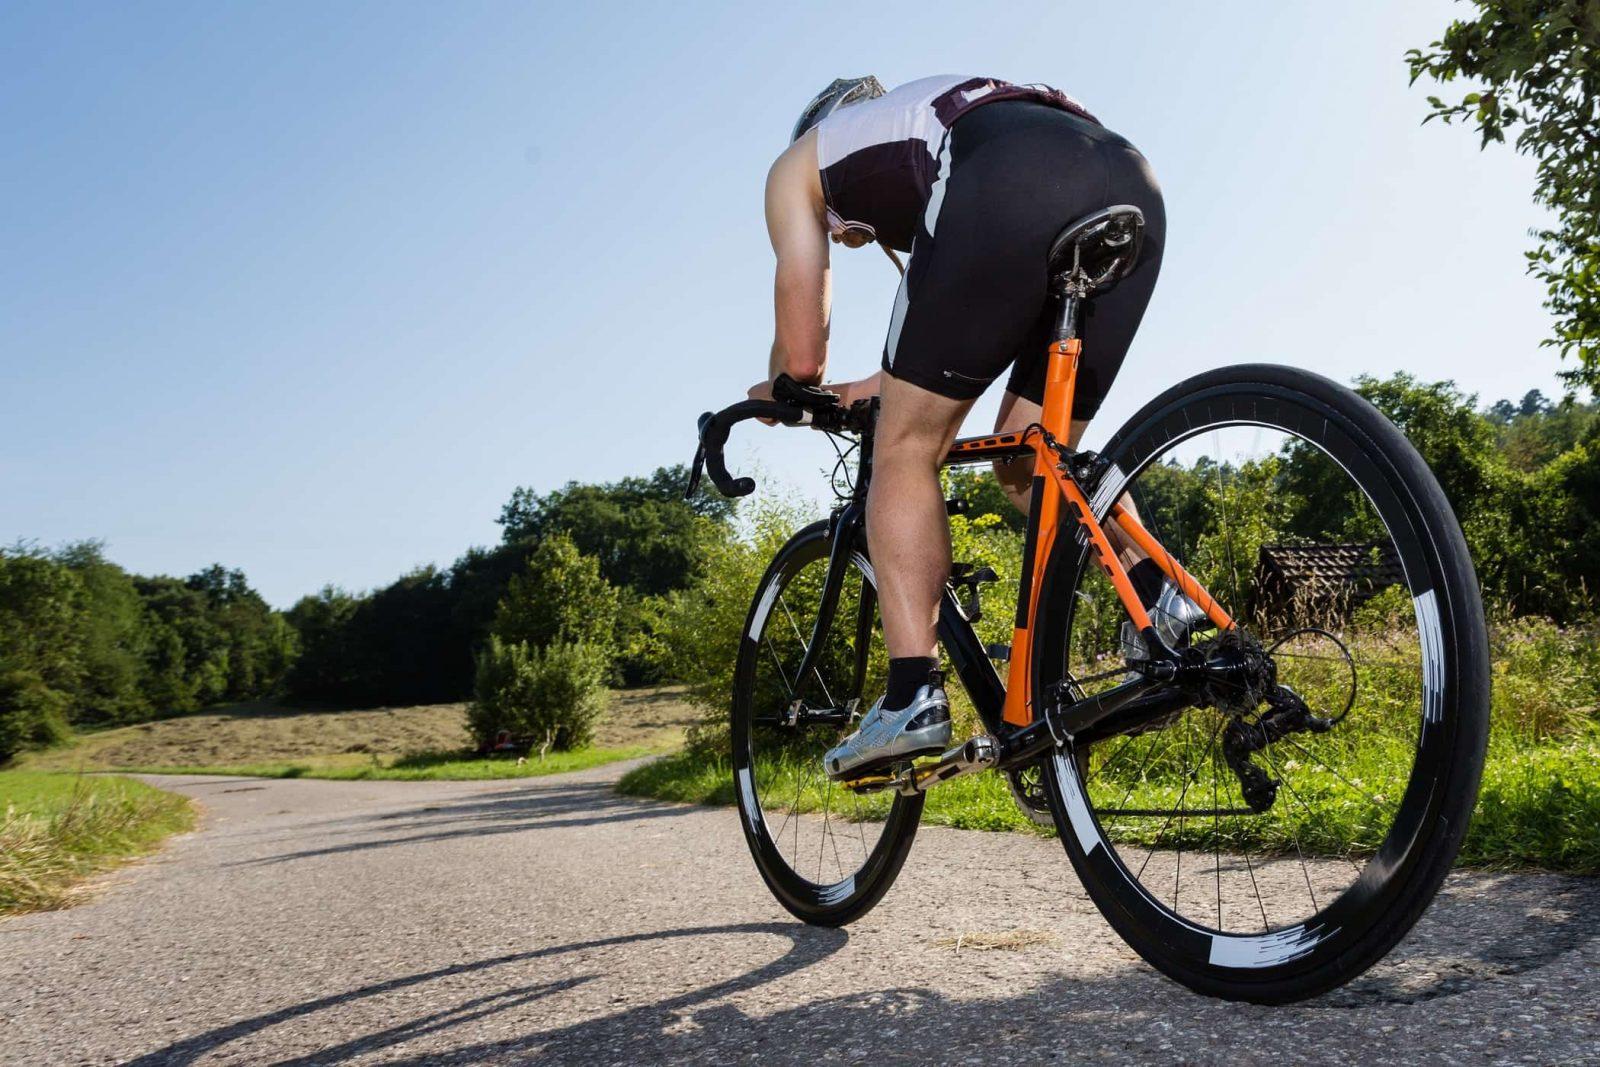 Профессиональный спортсмен проезжает в лесополосе на велосипеде